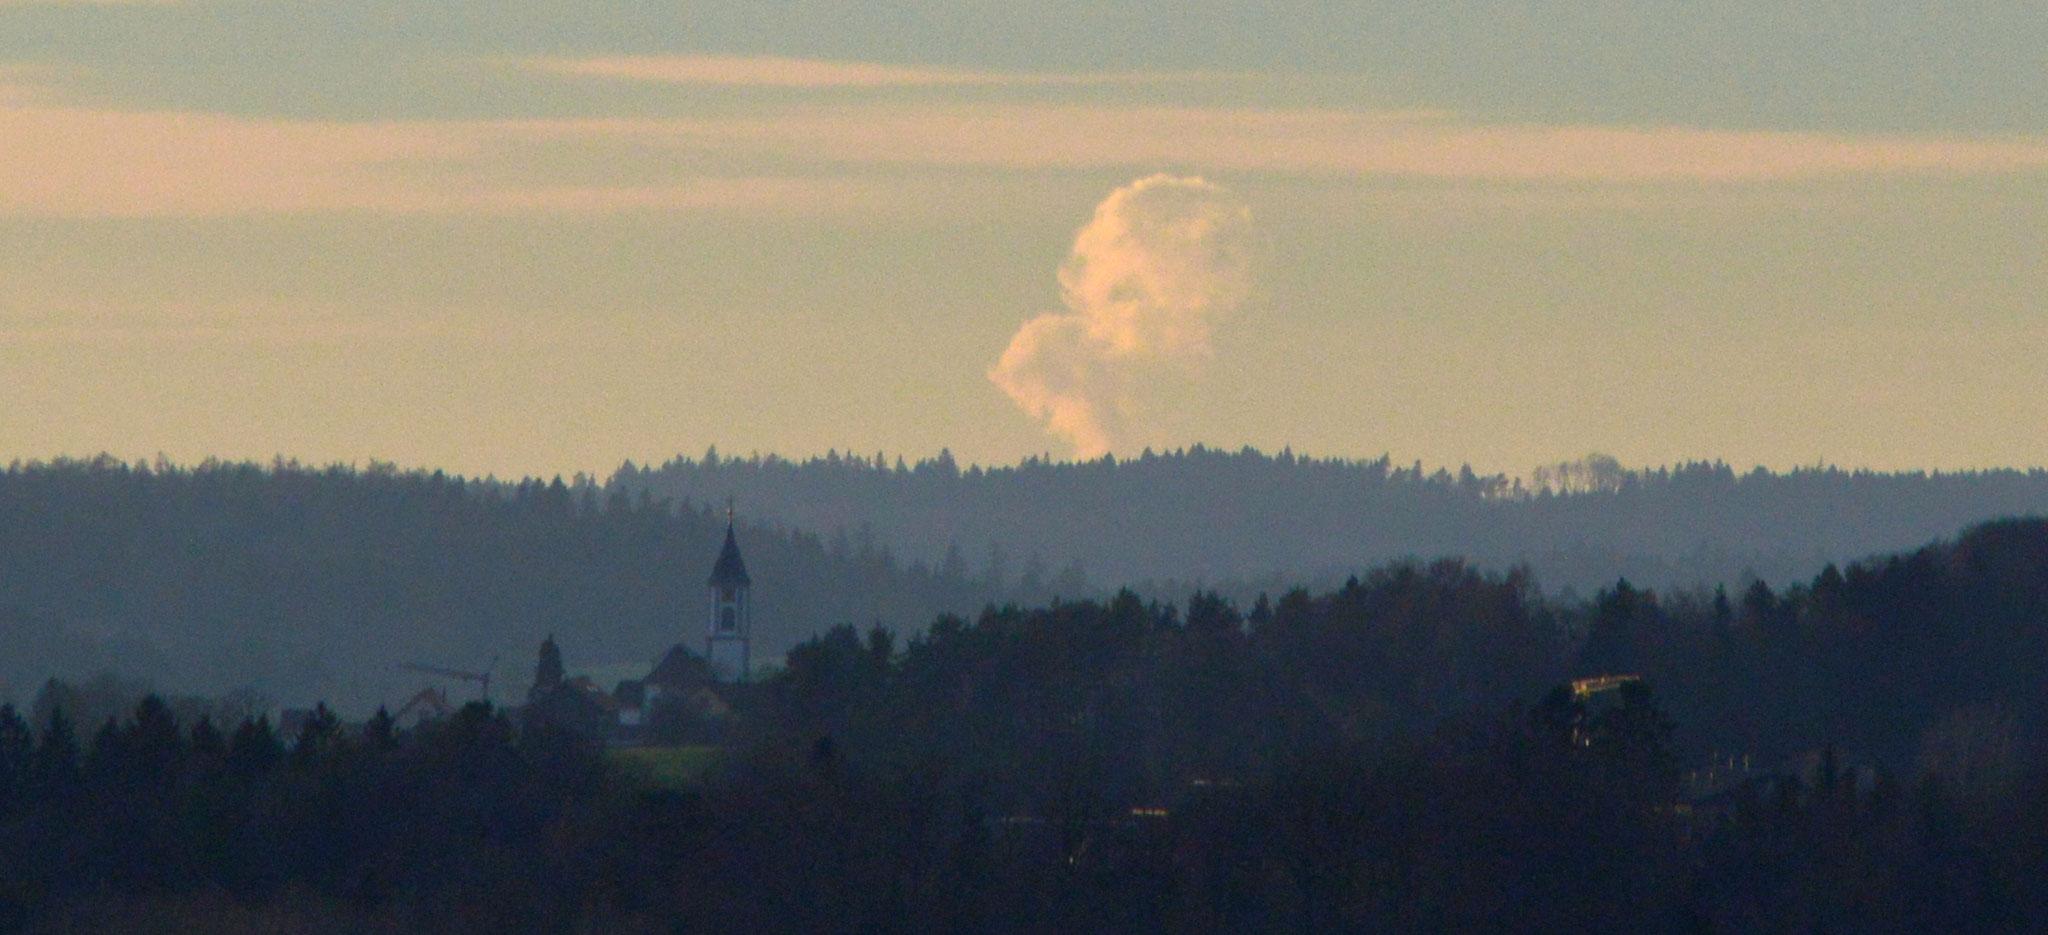 falsch geraten: diesmal ist es die Dampfsäule des KKW Leibstadt